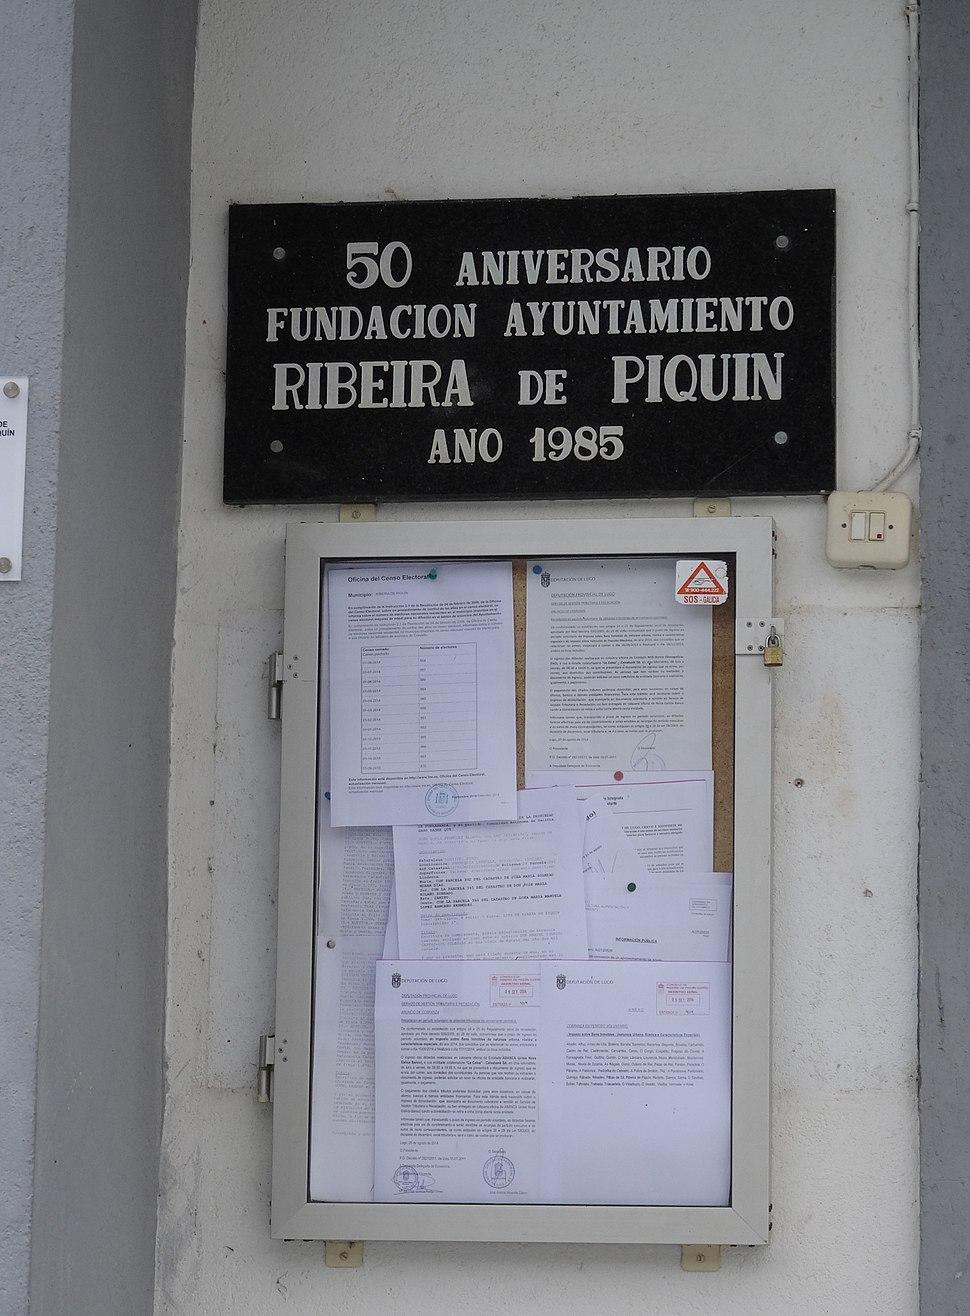 Placa aniversario 50 anos Ribeira de Piquin, Lugo 08